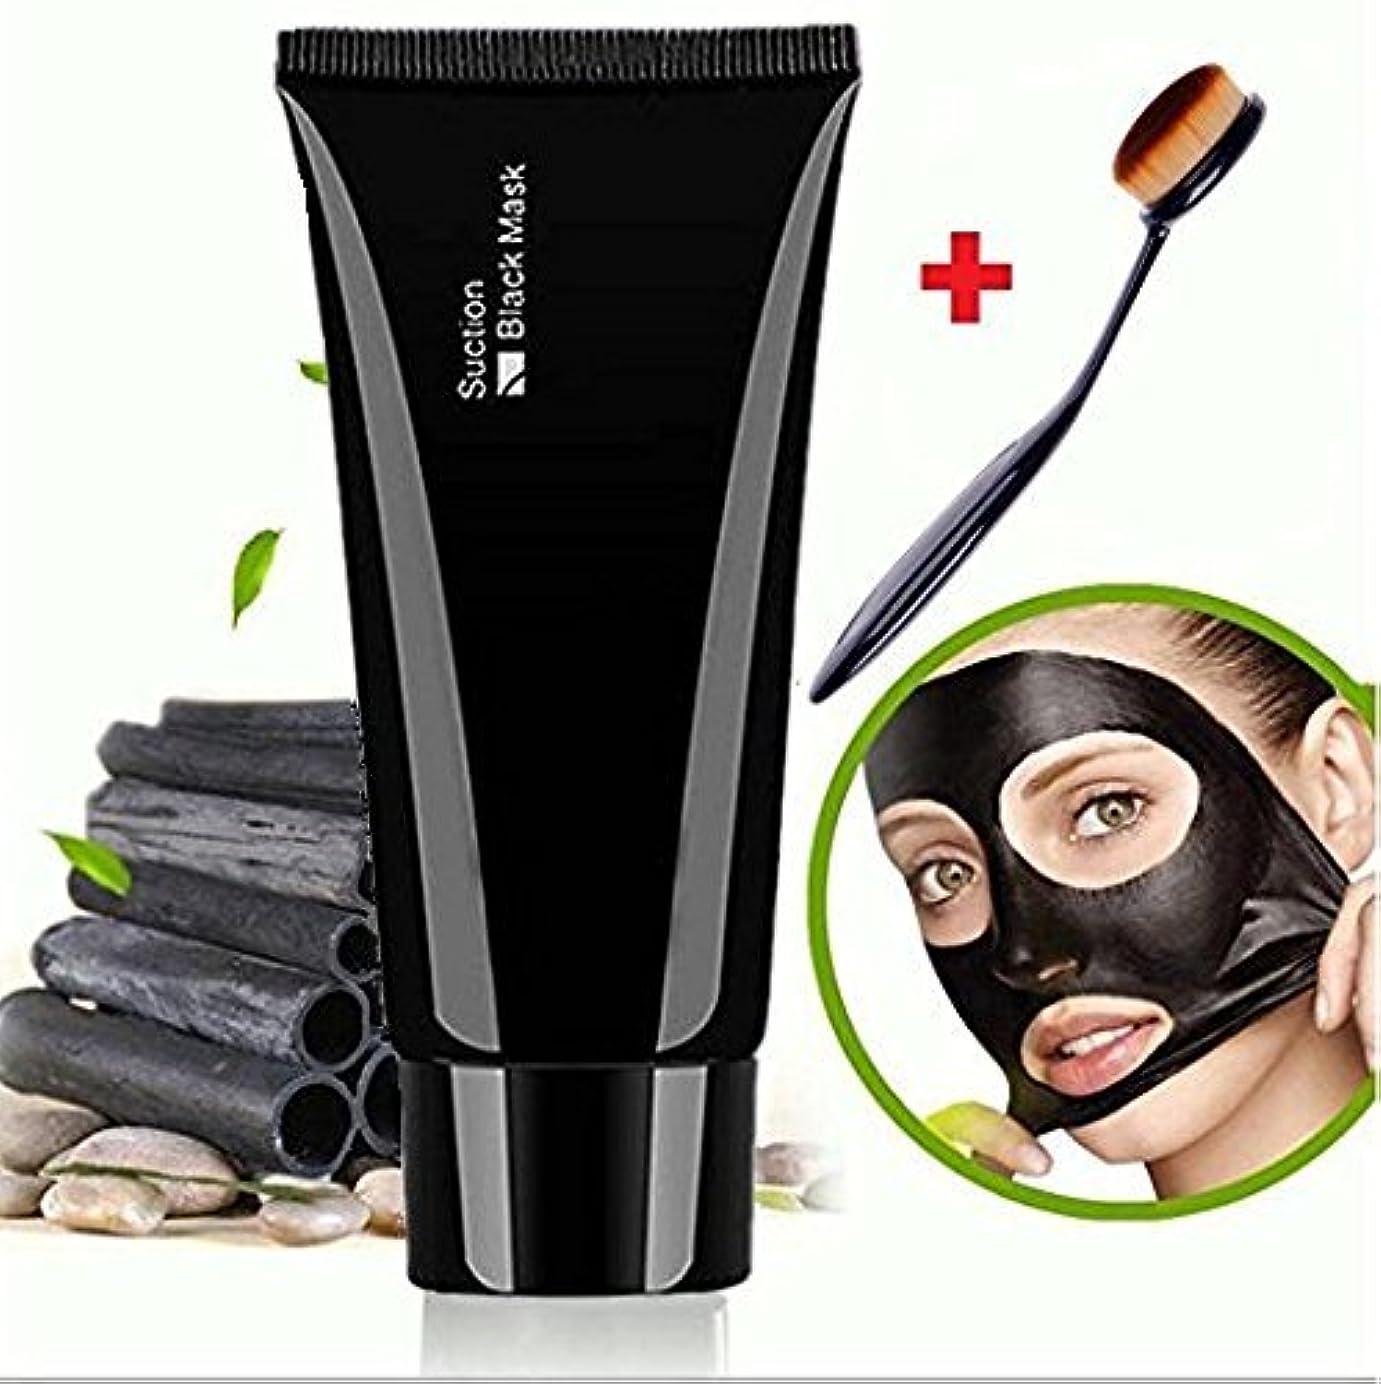 夜明けに人工路面電車Facial Mask Black, Face Apeel Cleansing Mask Deep Cleanser Blackhead Acne Remover Peel off Mask + Oval Brush